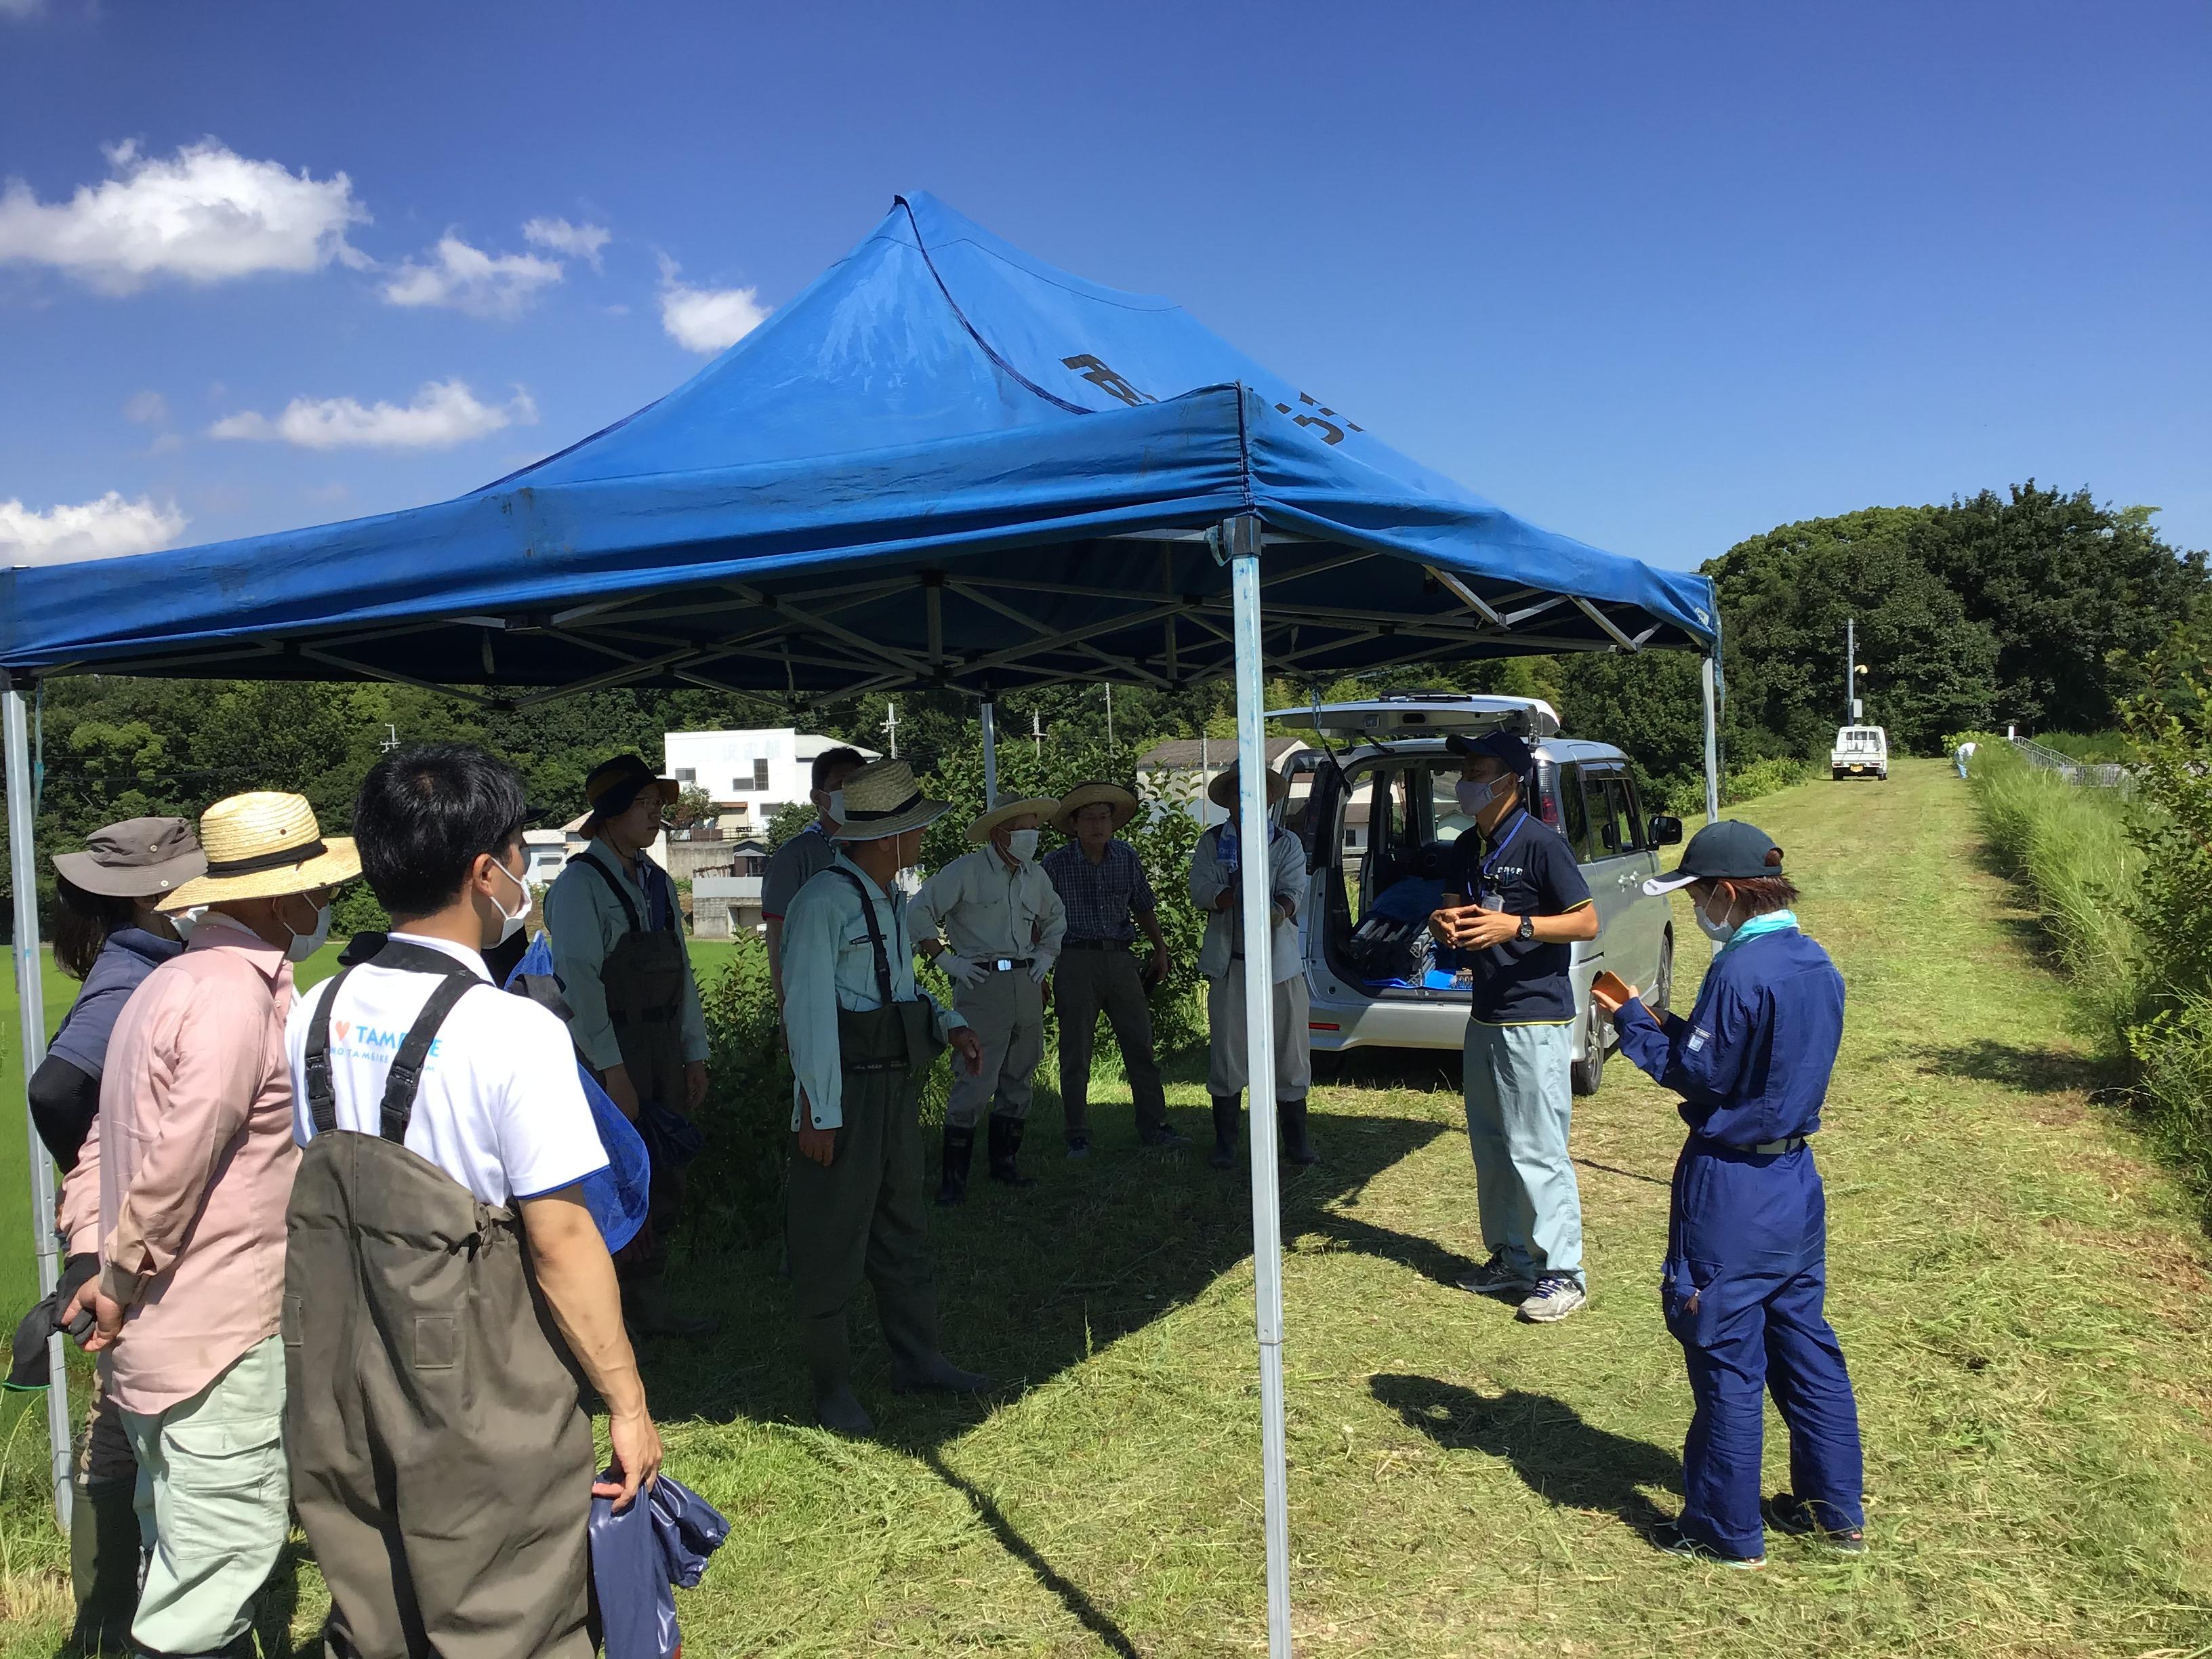 明石市の大本係長(右から二人目)が土のう袋にナガエを入れる場合、水中作業の方がナガエが浮いてて入れやすいなど、経験からの説明をされました。